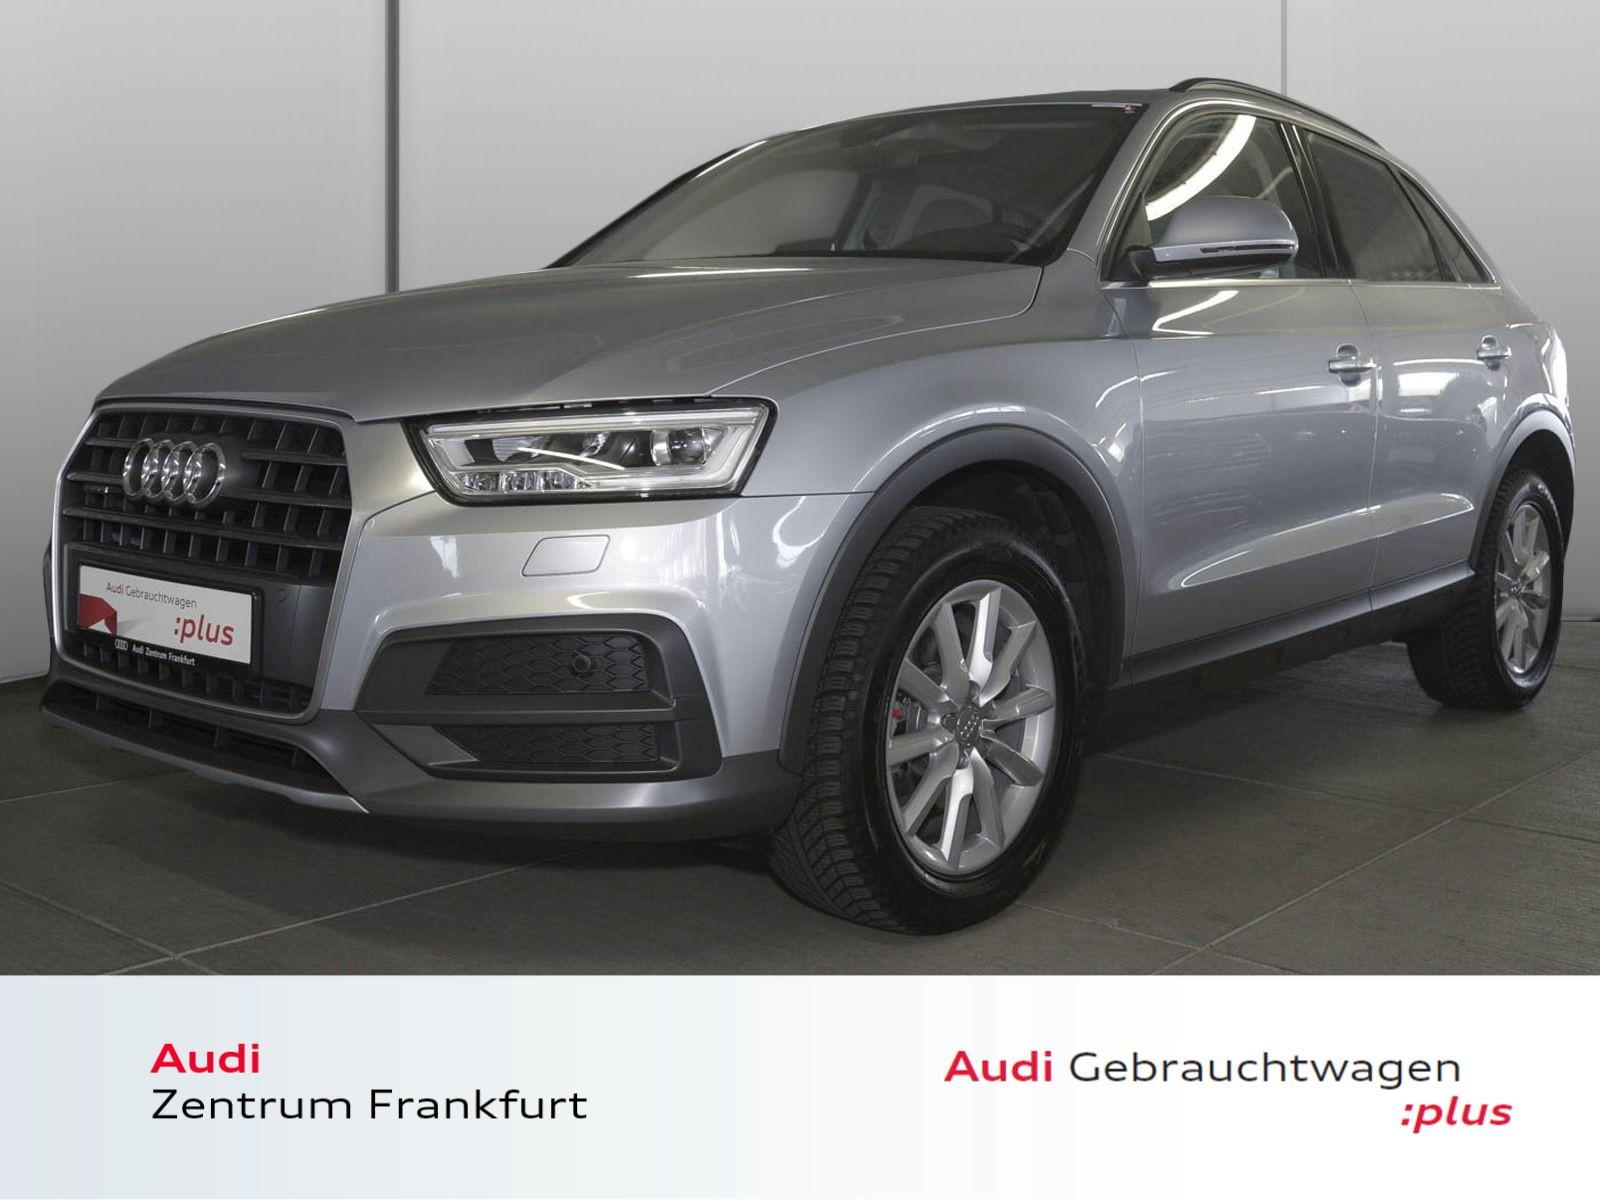 Audi Q3 2.0 TFSI quattro design S tronic LED Navi Tempomat, Jahr 2018, Benzin